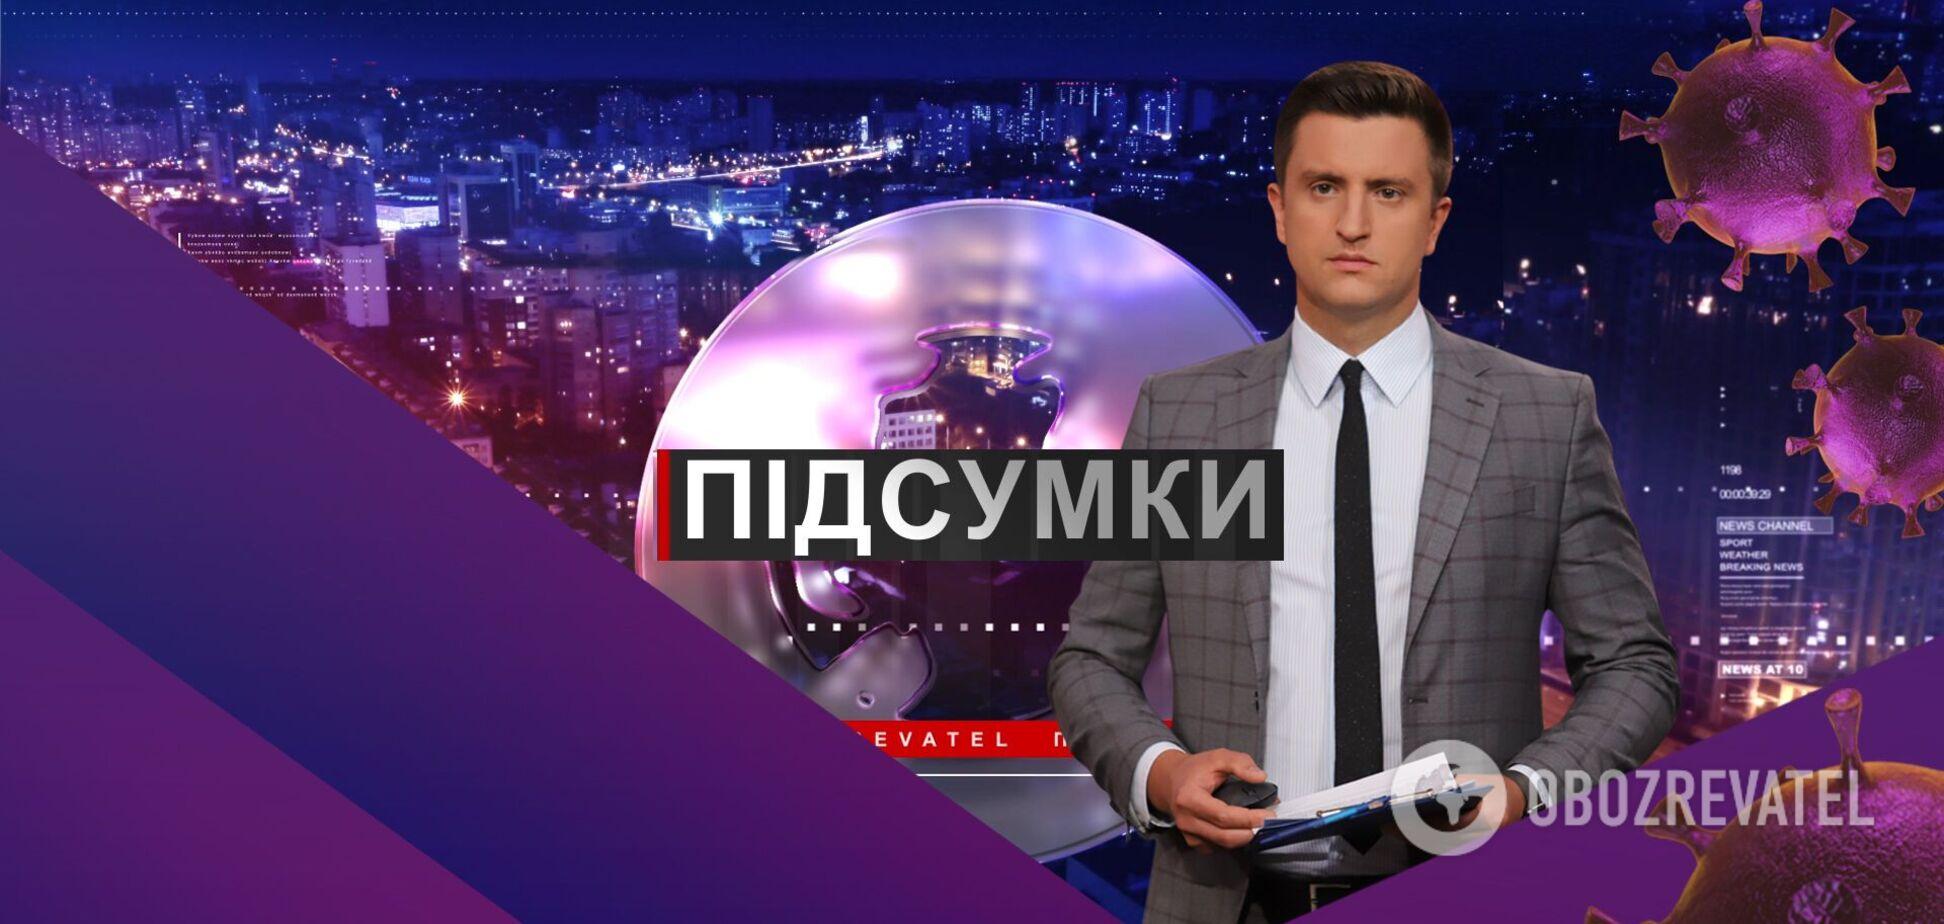 Підсумки дня з Вадимом Колодійчуком. Вівторок, 15 грудня